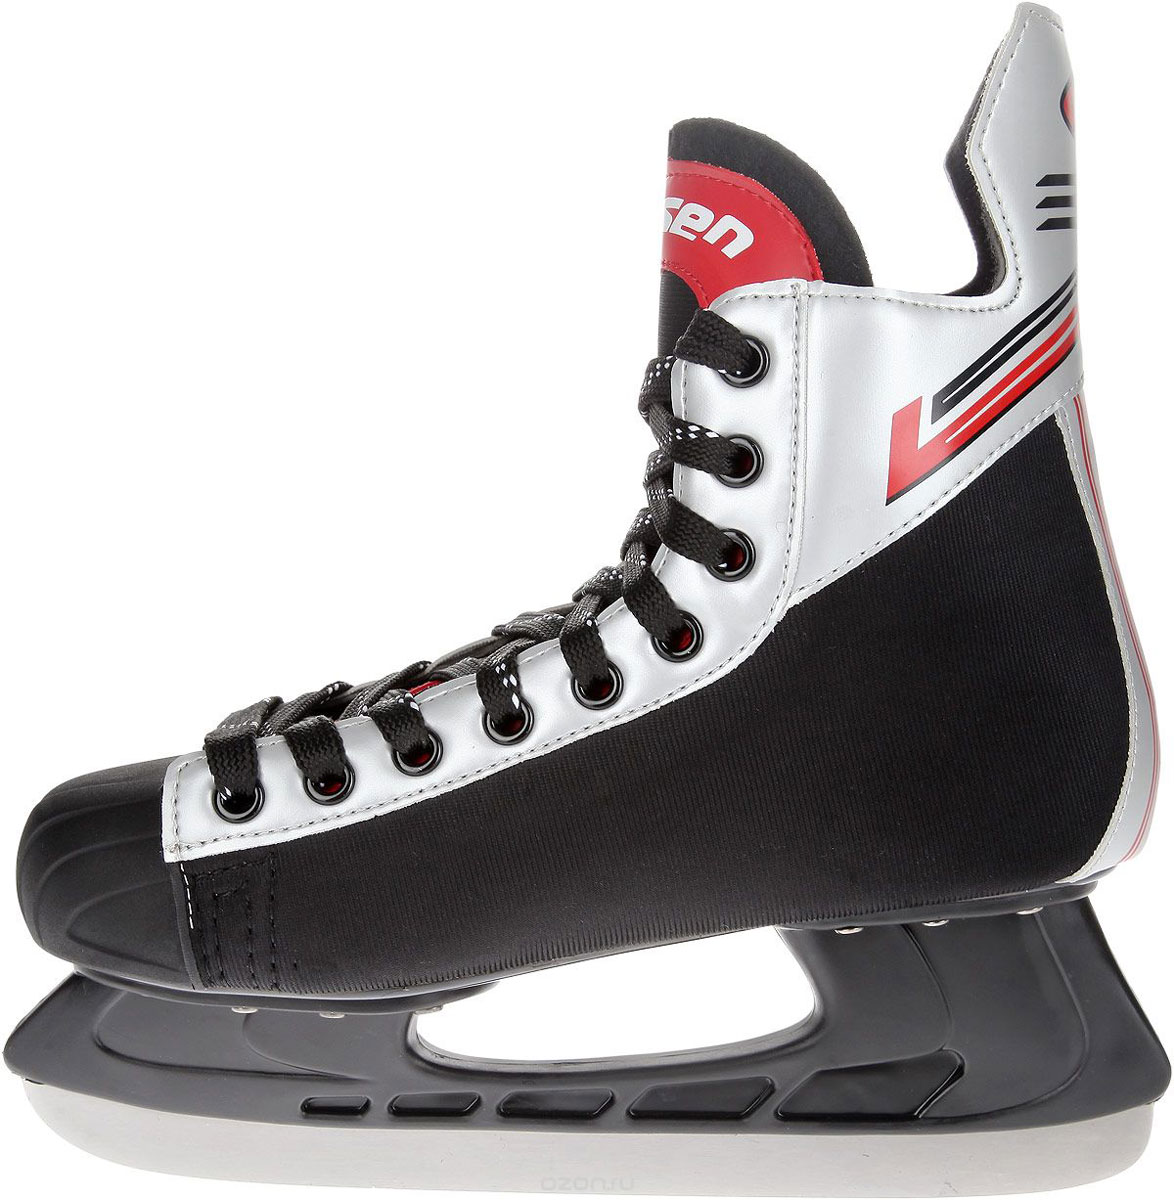 Коньки хоккейные мужские Larsen Alex, цвет: черный, серебристый, красный. Размер 38УТ-00004984Стильные коньки Alex от Larsen прекрасно подойдут для начинающих игроков в хоккей. Ботиноквыполнен из нейлона и морозоустойчивого поливинилхлорида. Мыс дополнен вставкой изполиуретана, которая защитит ноги от ударов. Внутренний слой изготовлен из мягкого текстиля,который обеспечит тепло и комфорт во время катания, язычок - из войлока. Плотная шнуровканадежно фиксирует модель на ноге. Голеностоп имеет удобный суппорт. Стелька из EVA стекстильной поверхностью обеспечит комфортное катание. Стойка выполнена изударопрочного полипропилена. Лезвие из нержавеющей стали обеспечит превосходноескольжение. В комплект входят пластиковые чехлы для лезвий.